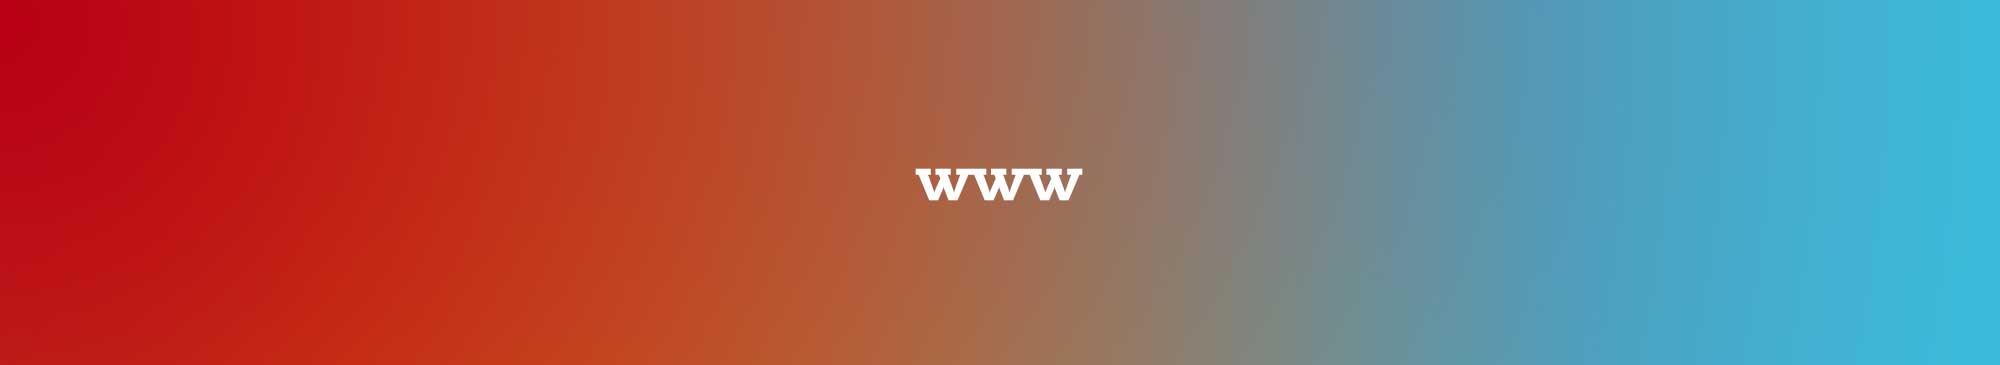 R&R|COM Web